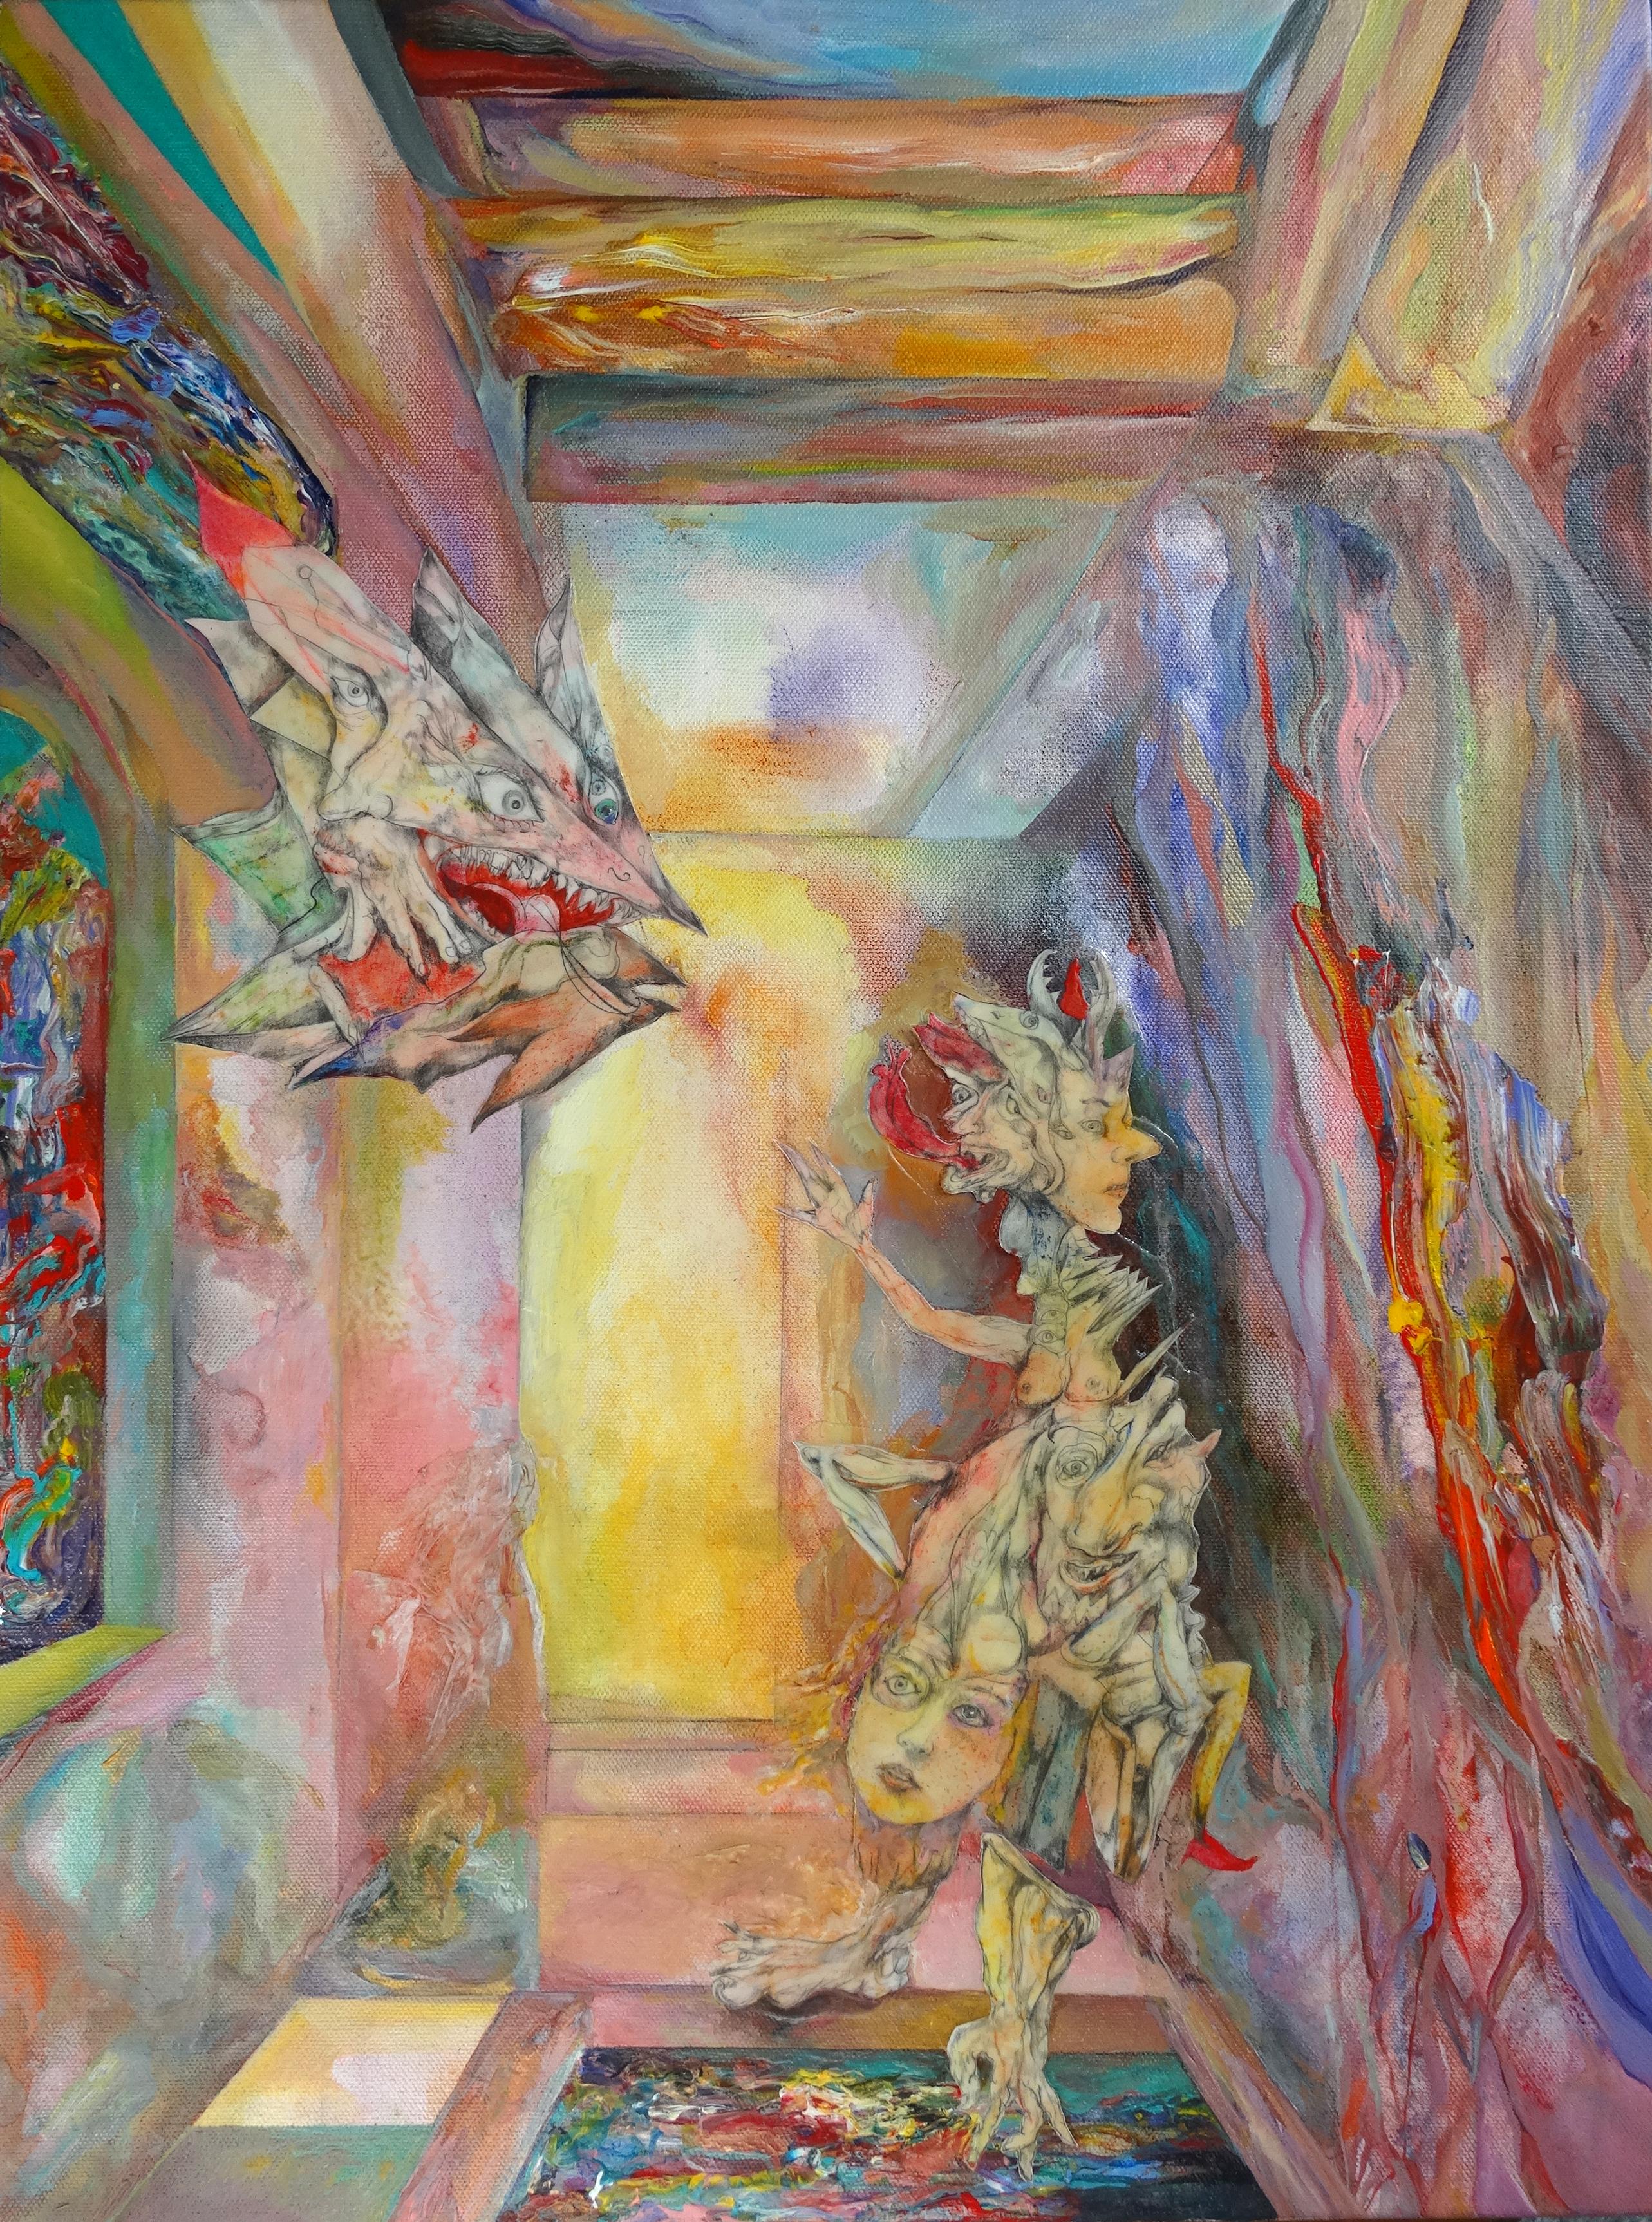 The Corridor of Broken Ghosts